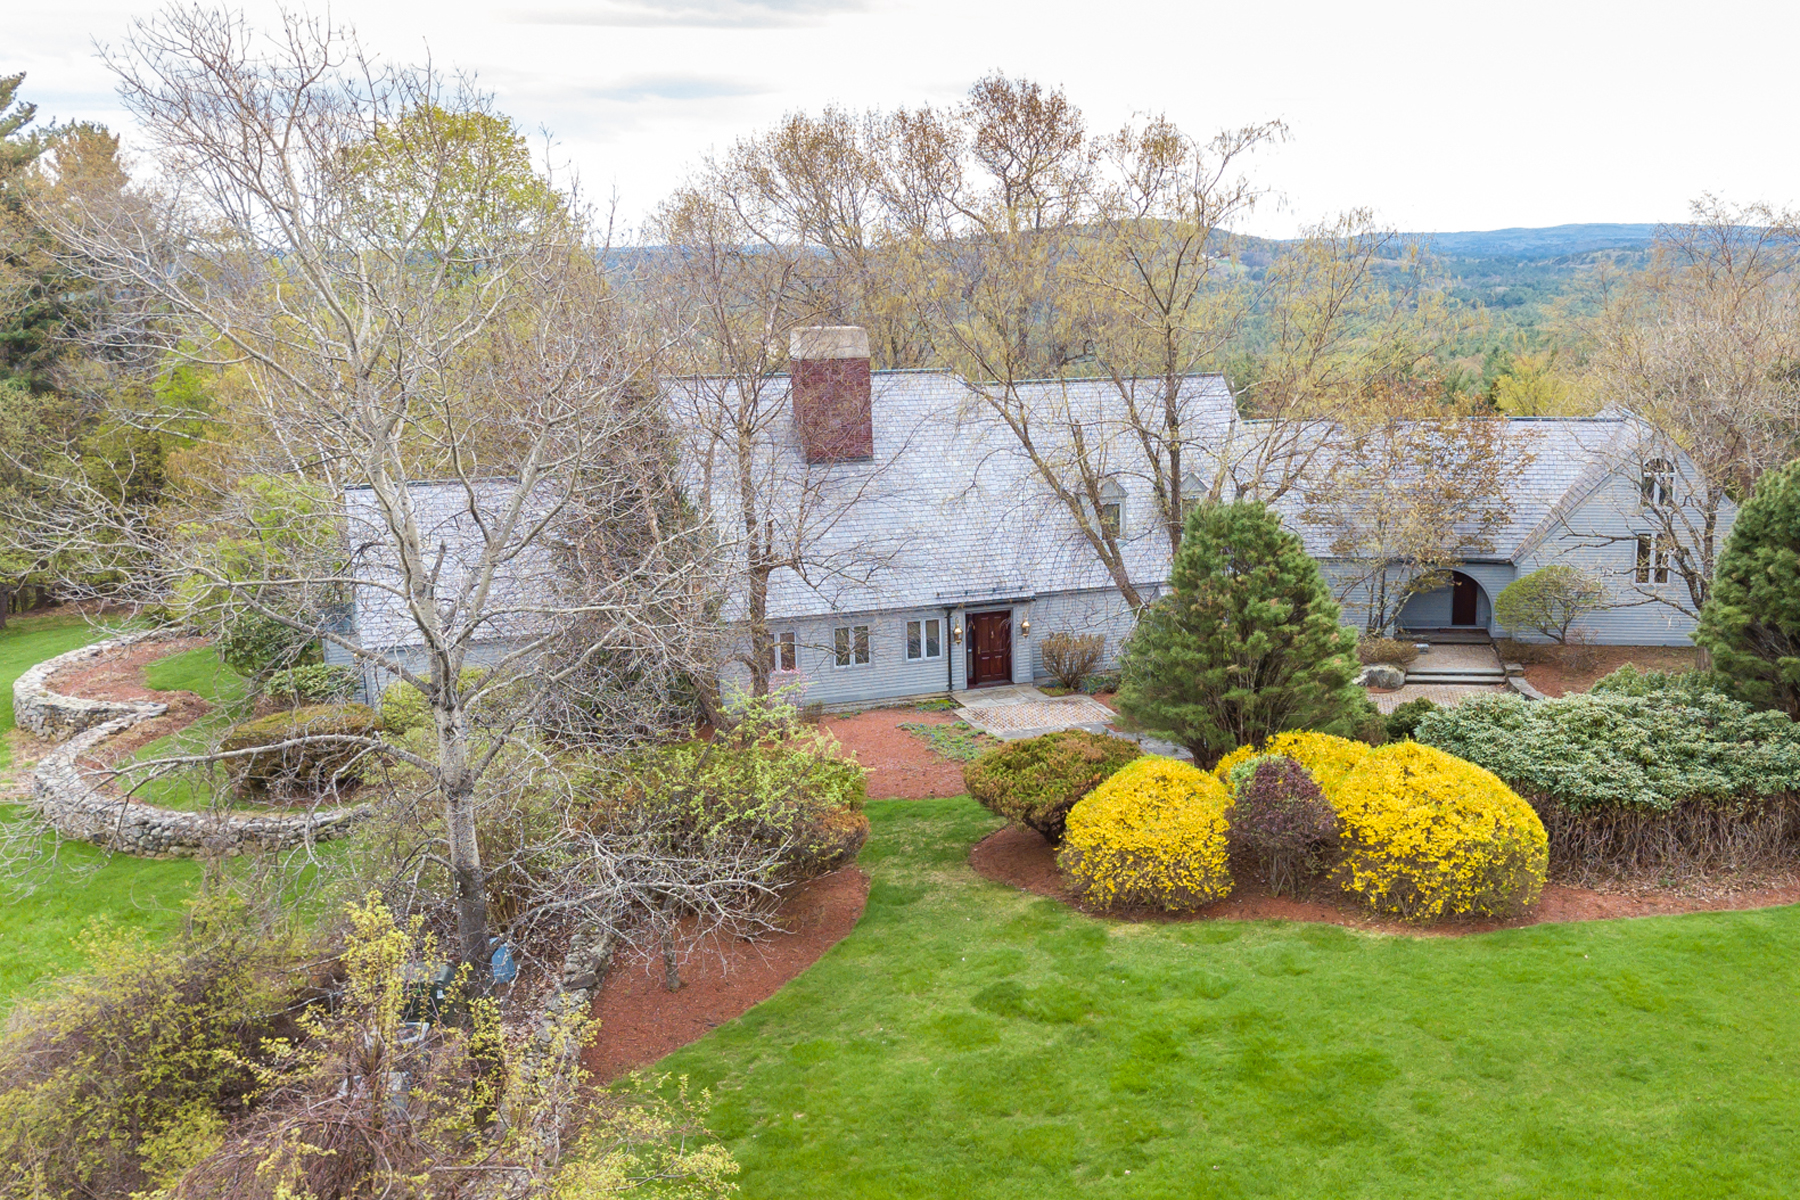 Single Family Homes für Verkauf beim 18 Chestnut Hill Road, Amherst 18 Chestnut Hill Rd, Amherst, New Hampshire 03031 Vereinigte Staaten